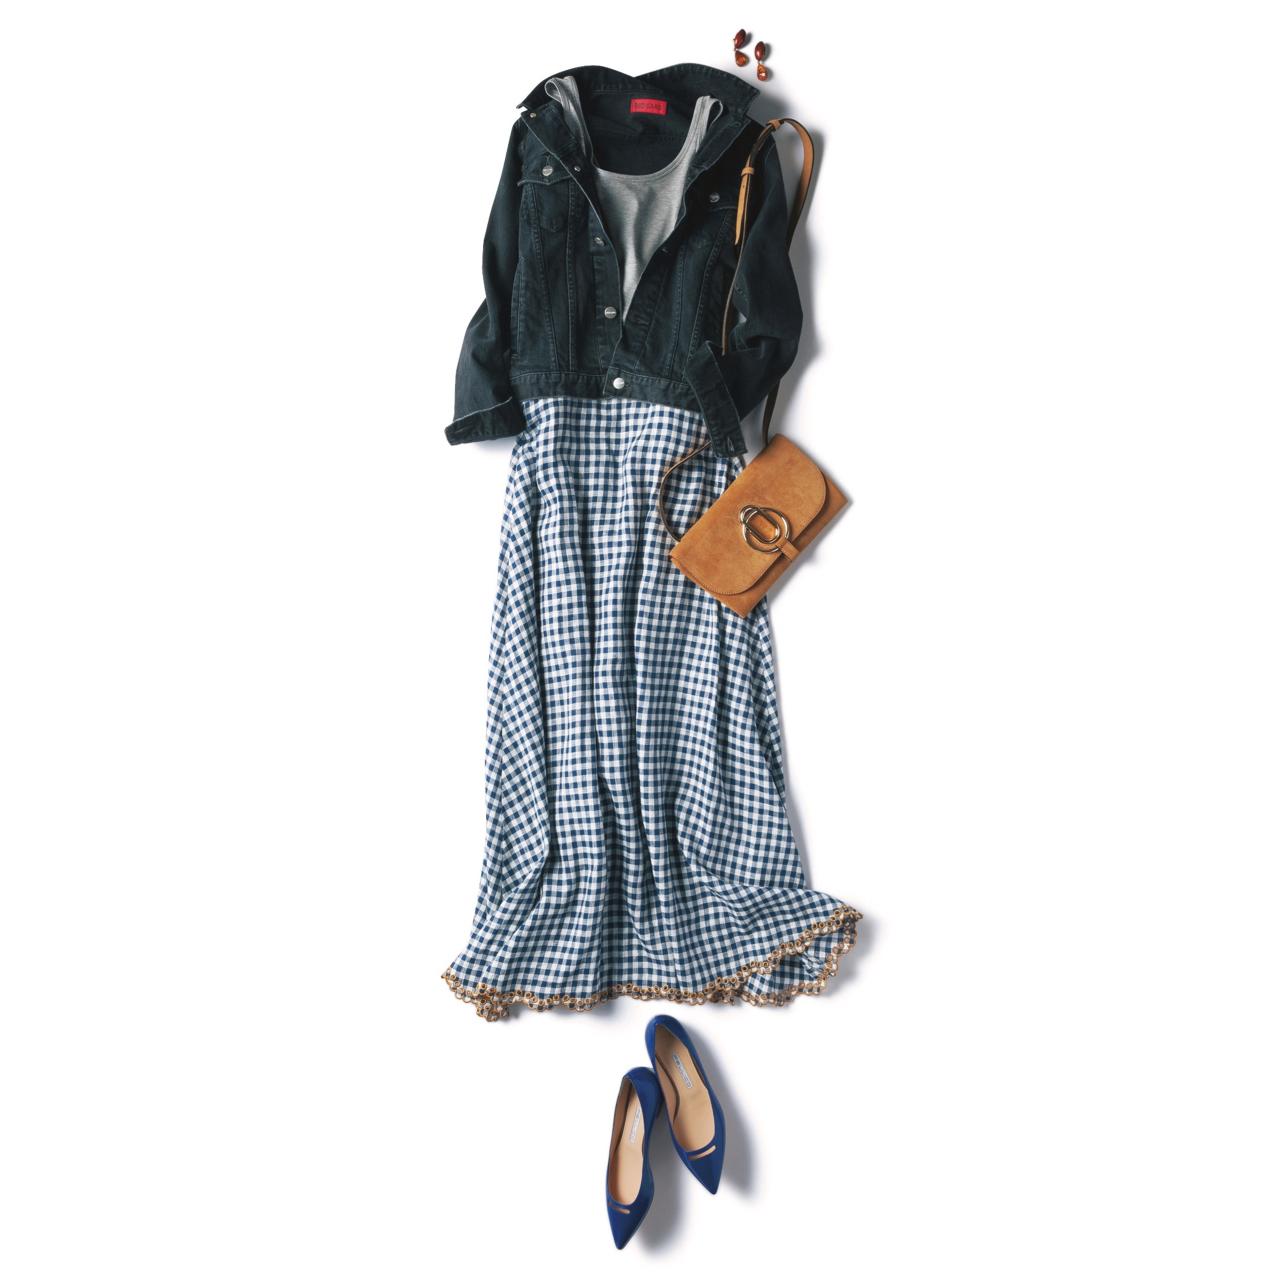 デニムジャケット×チェック柄スカートのファッションコーデ